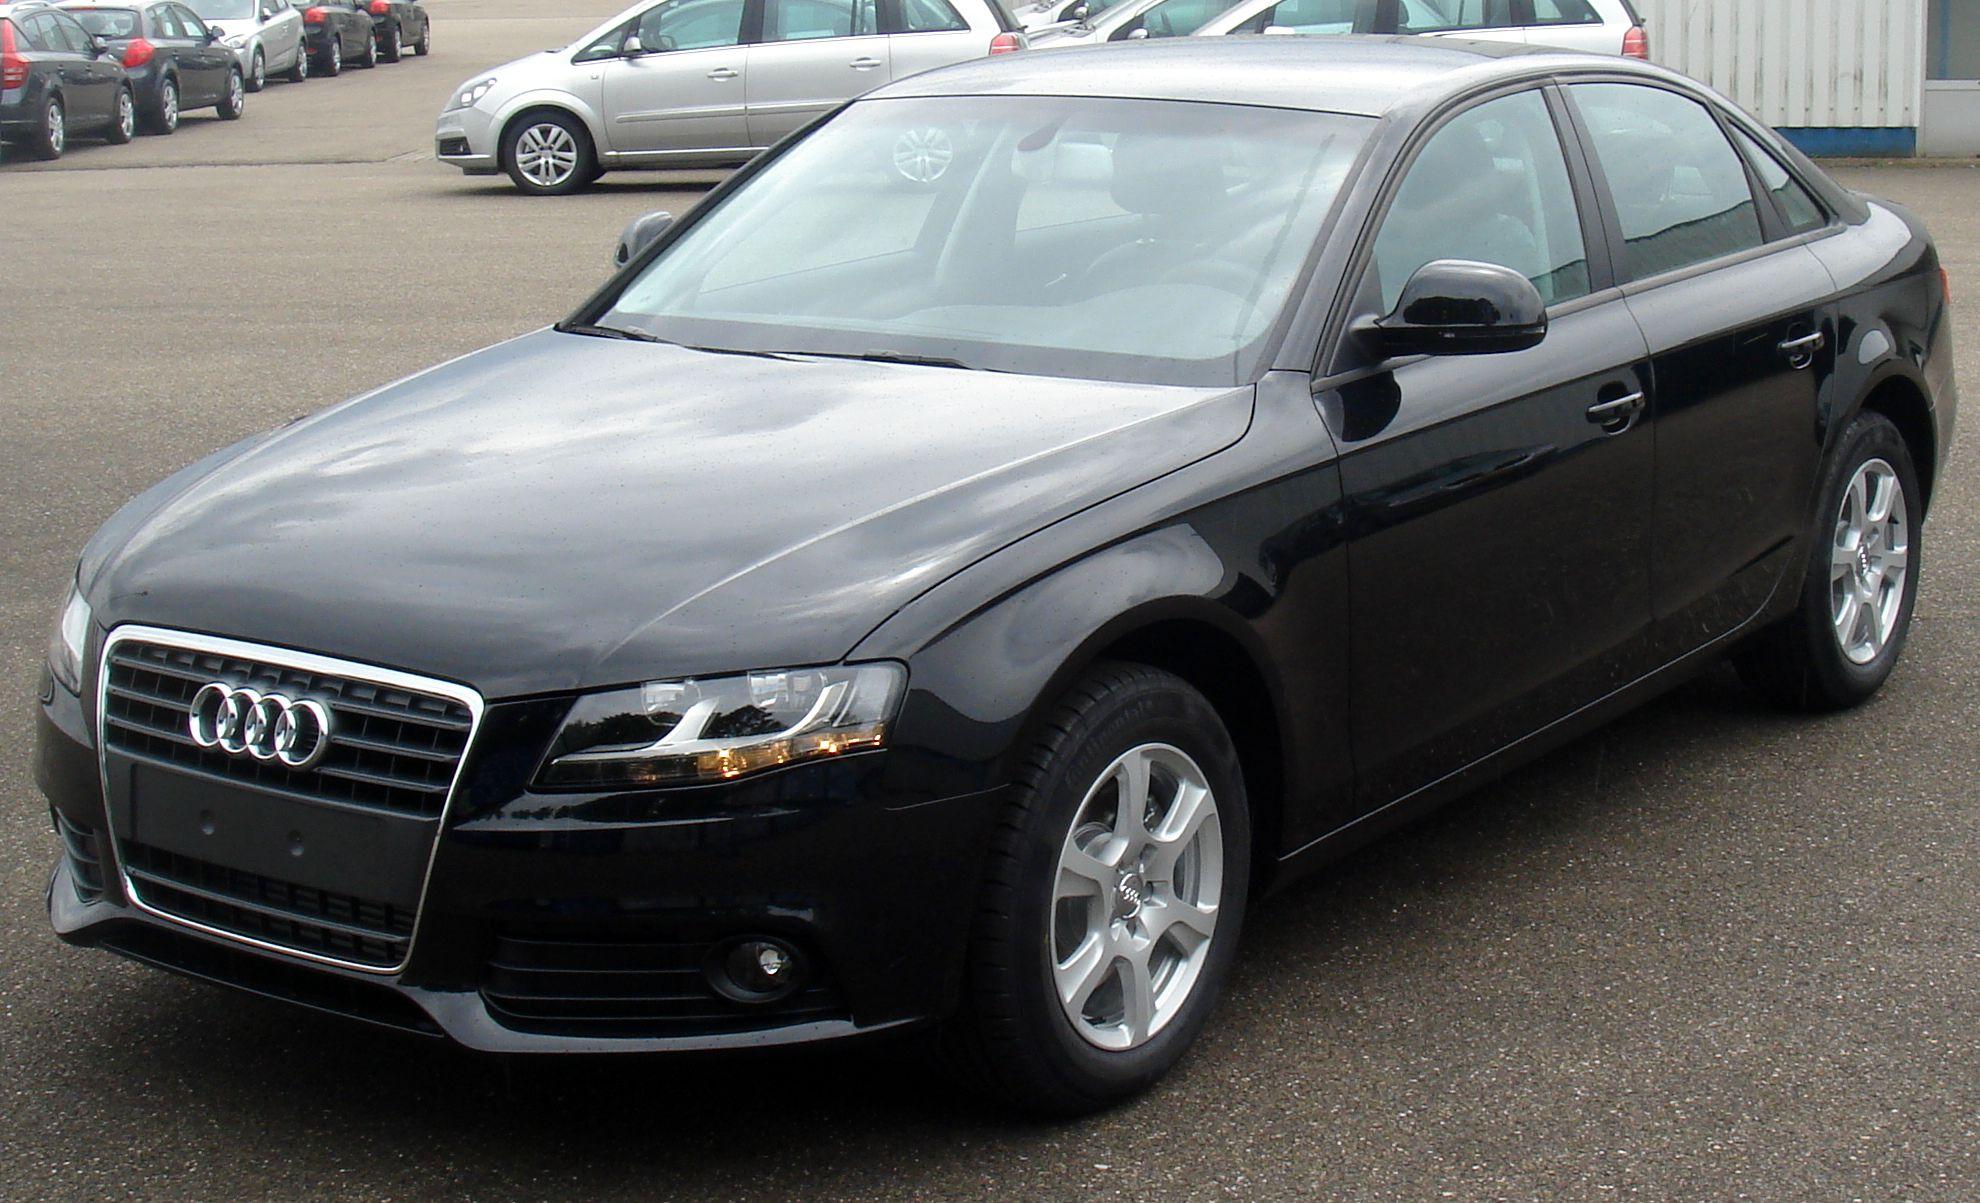 Audi a6 avant 3.2 fsi